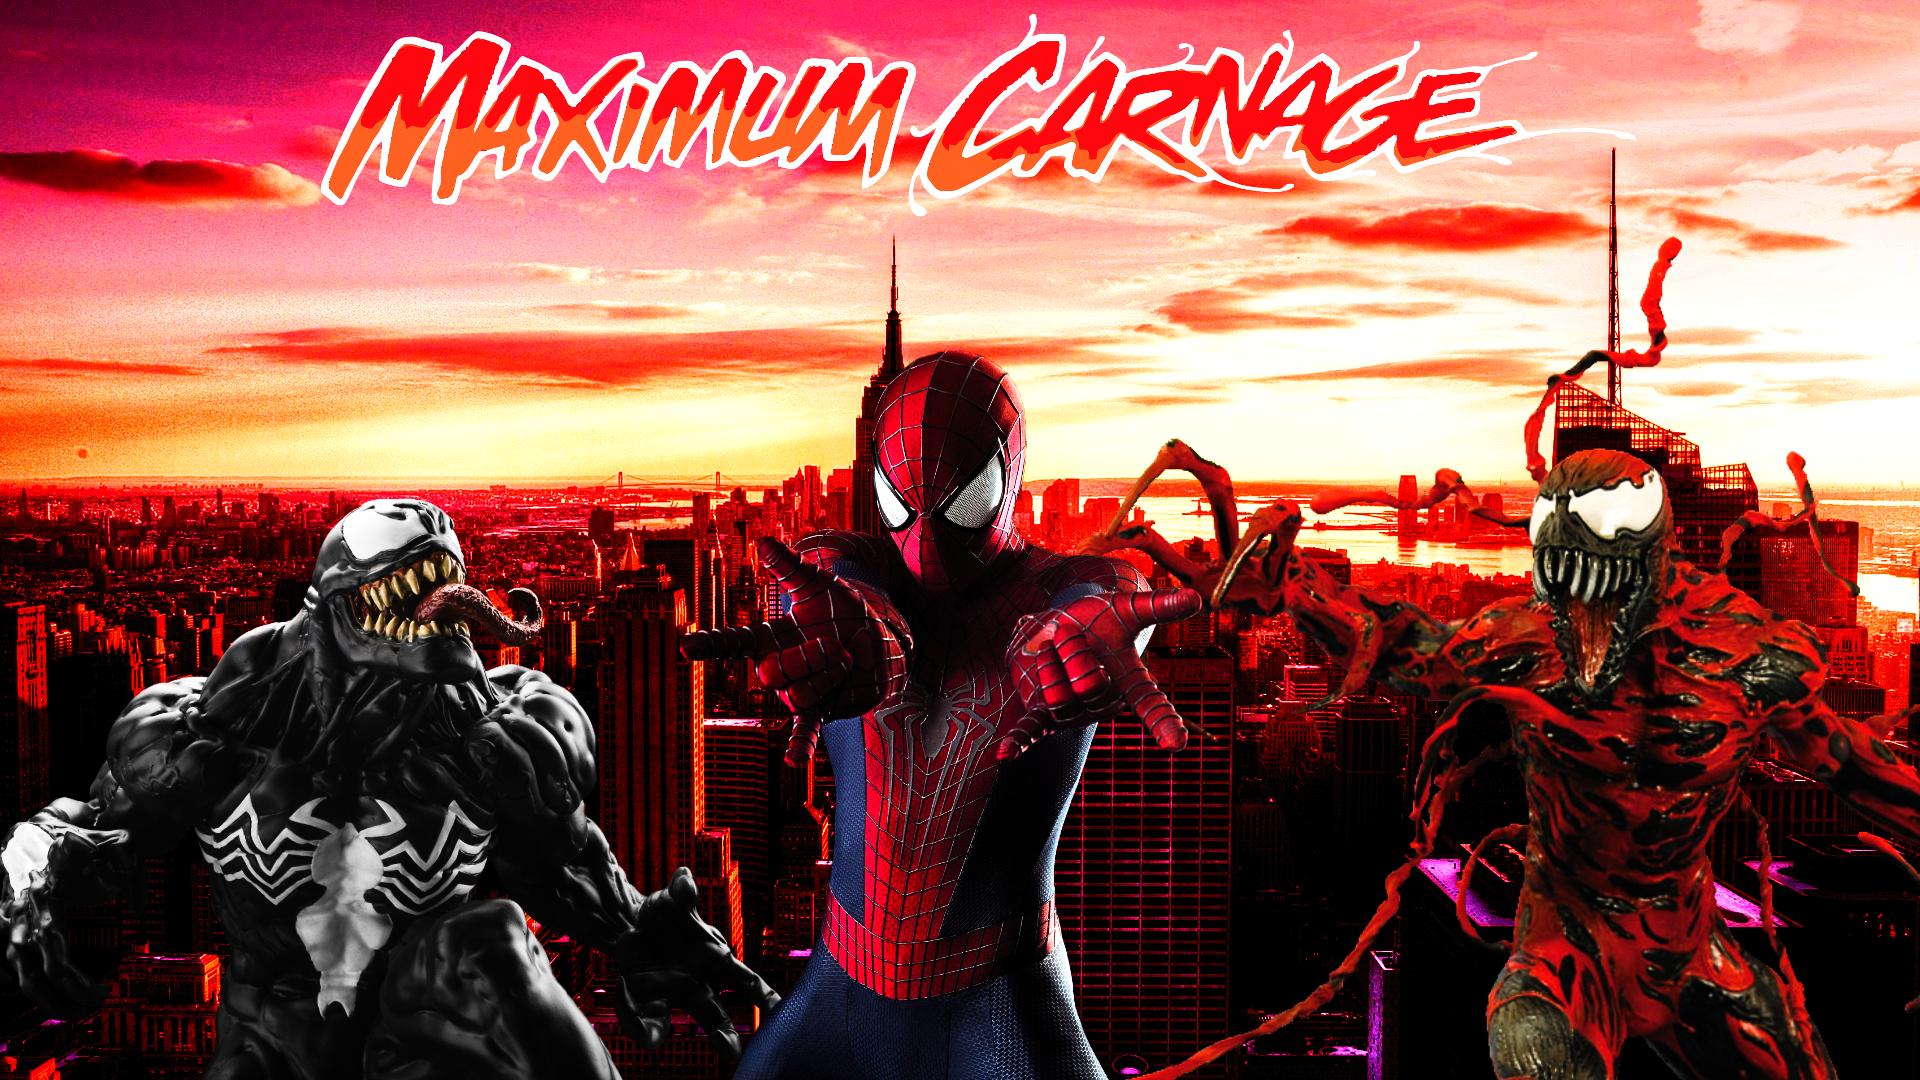 Spider-Man and Venom Maximum Carnage Poster #3 by ProfessorAdagio